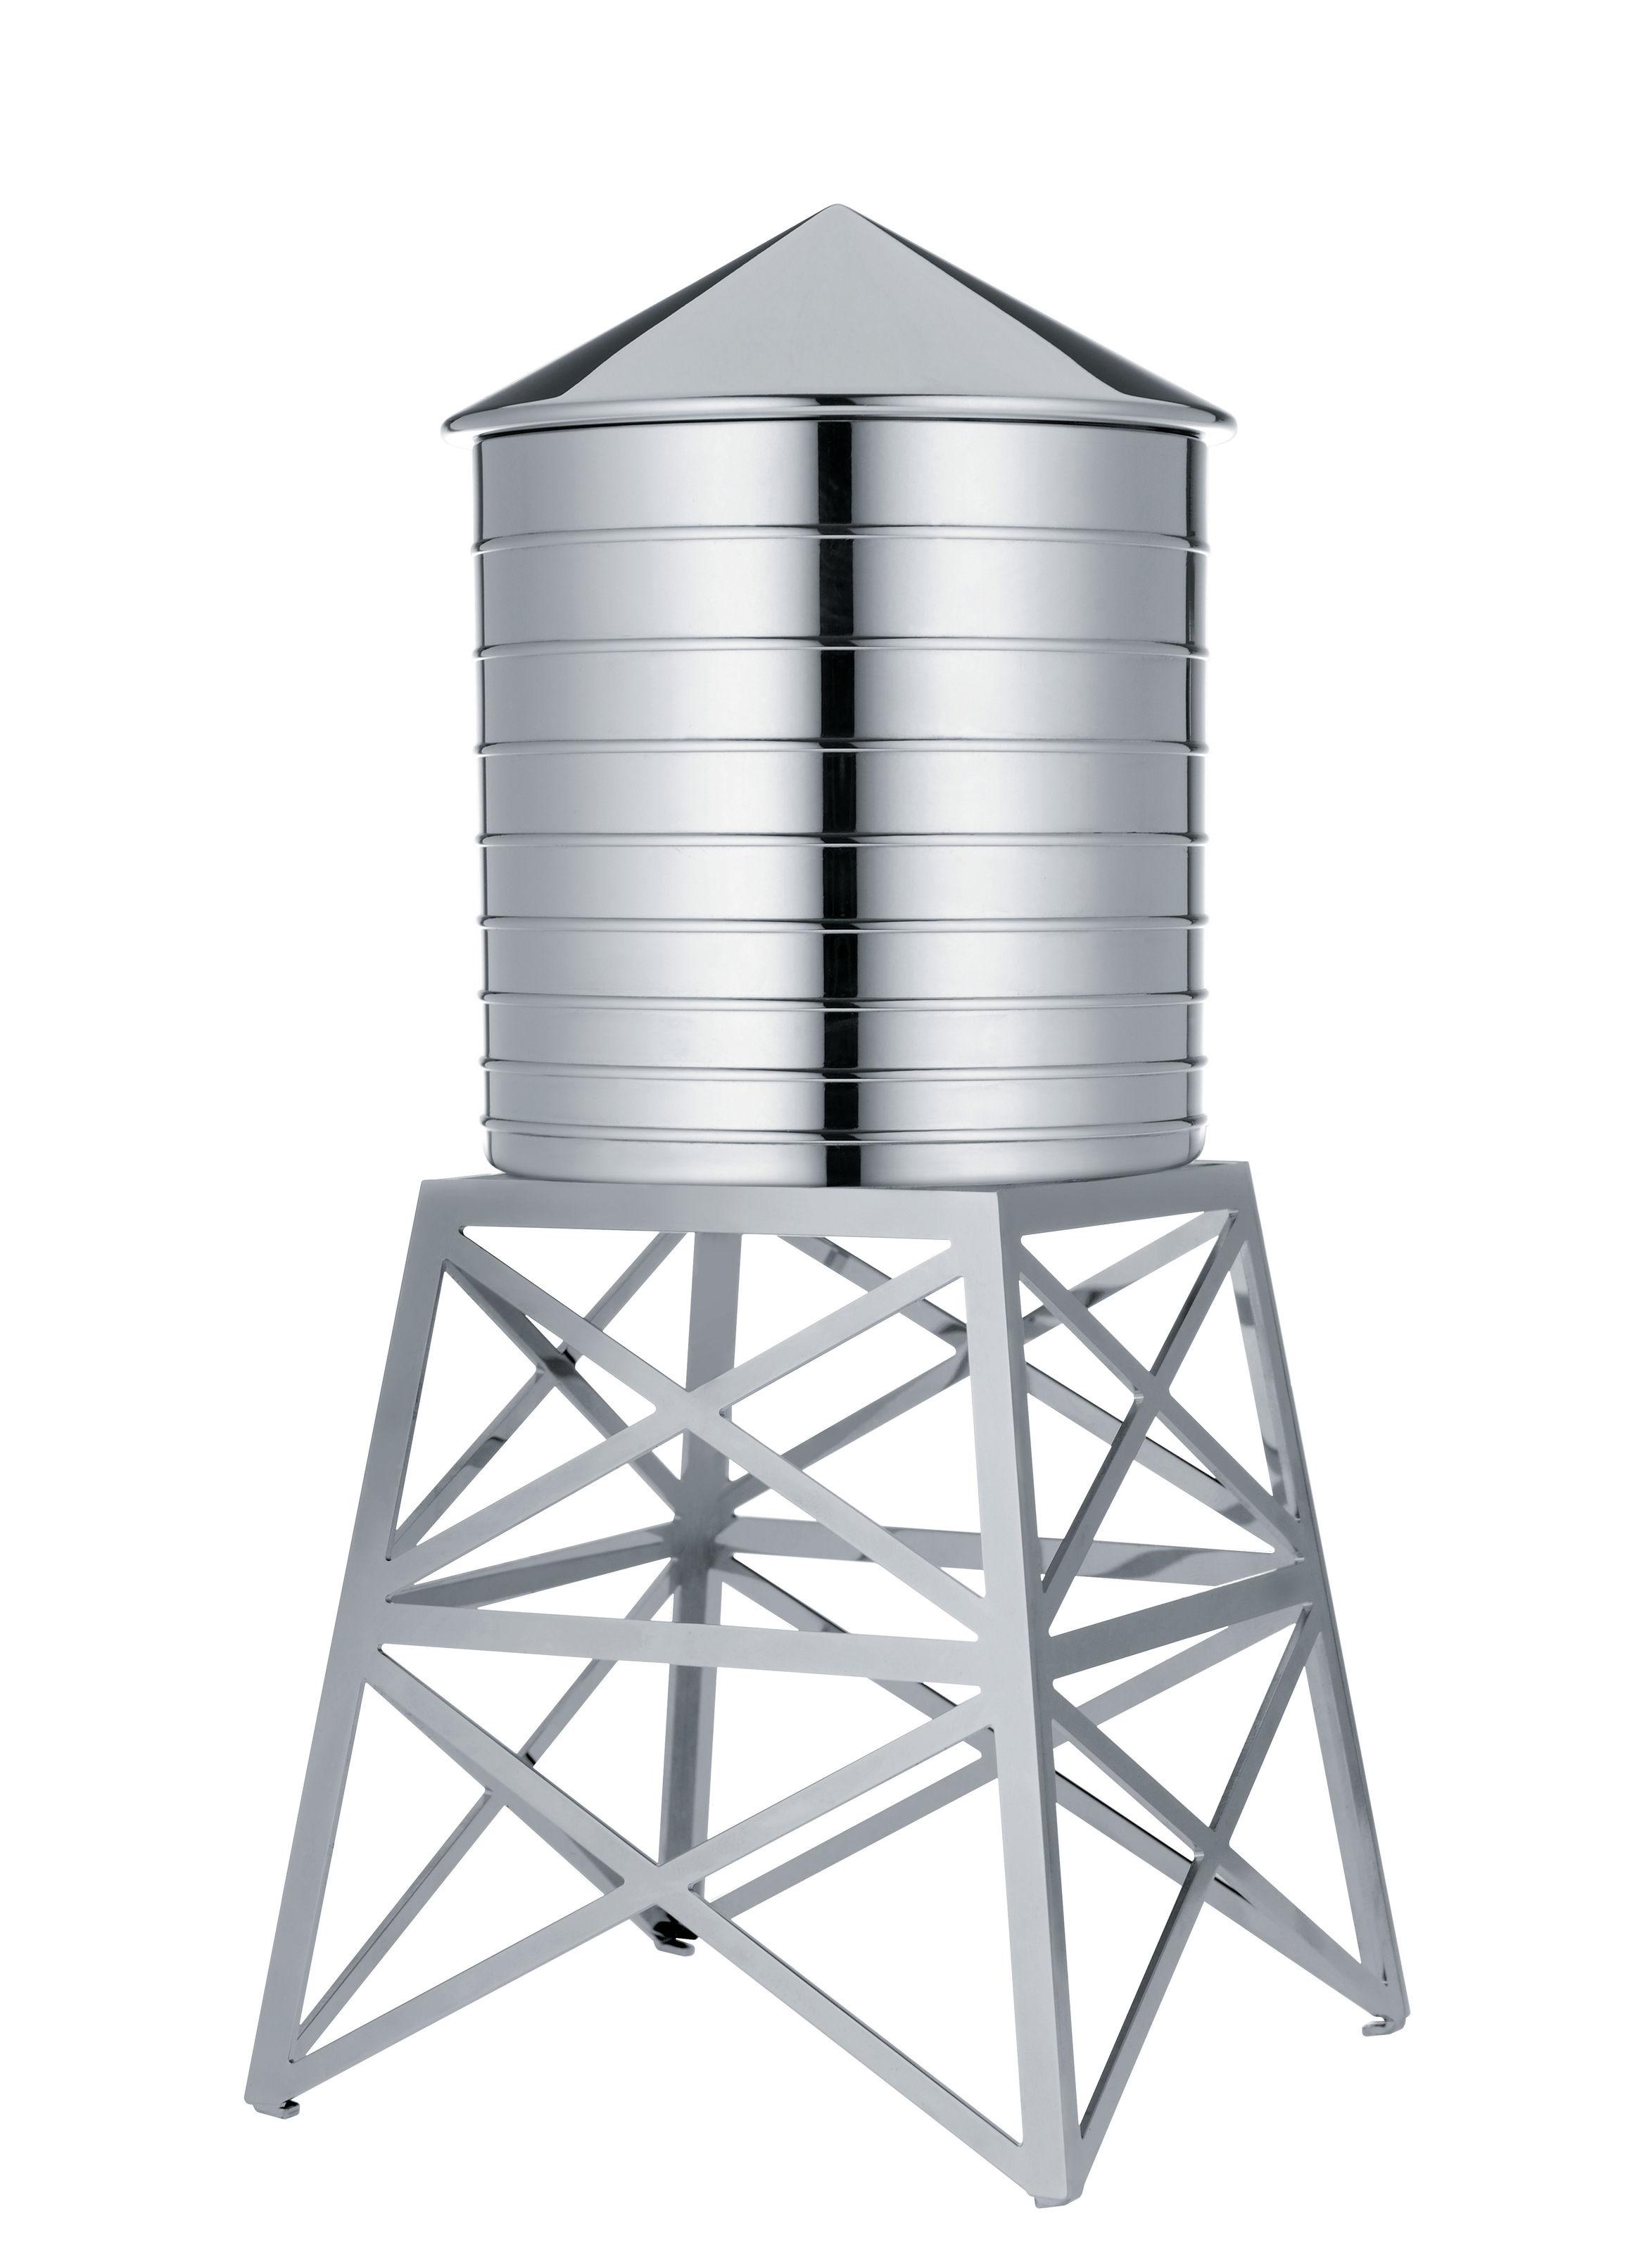 Kitchenware - Kitchen Storage Jars - Water Tower Box by Alessi - Steel - Stainless steel